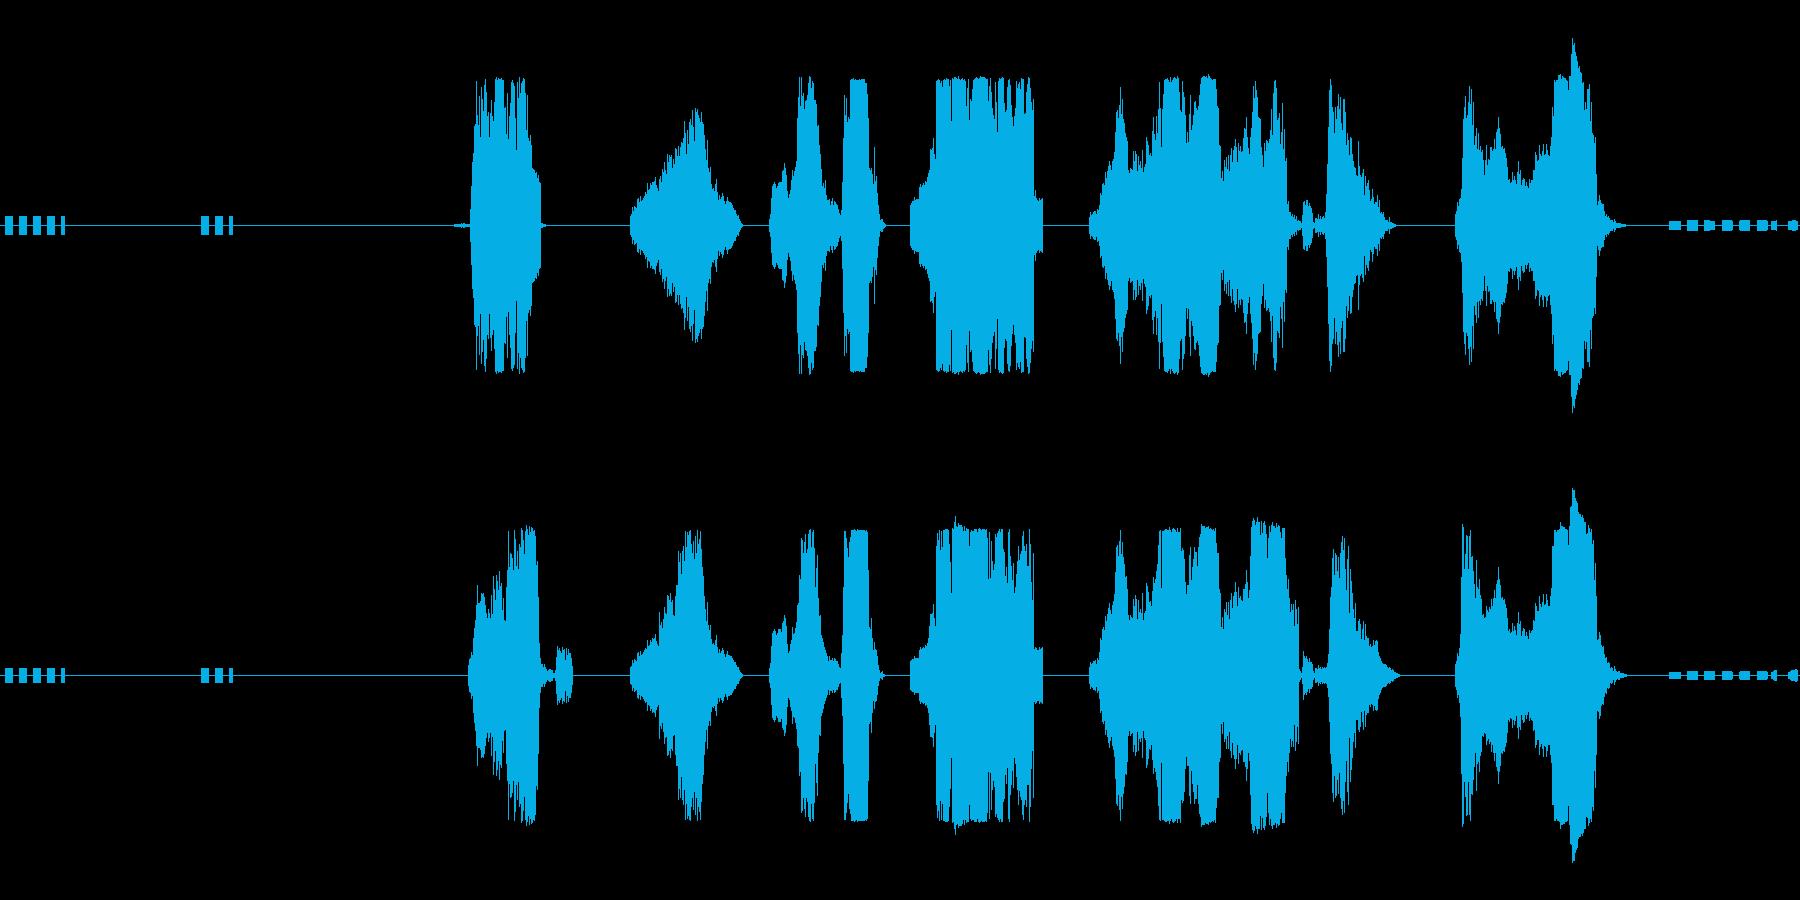 アーケードバッドガイの再生済みの波形